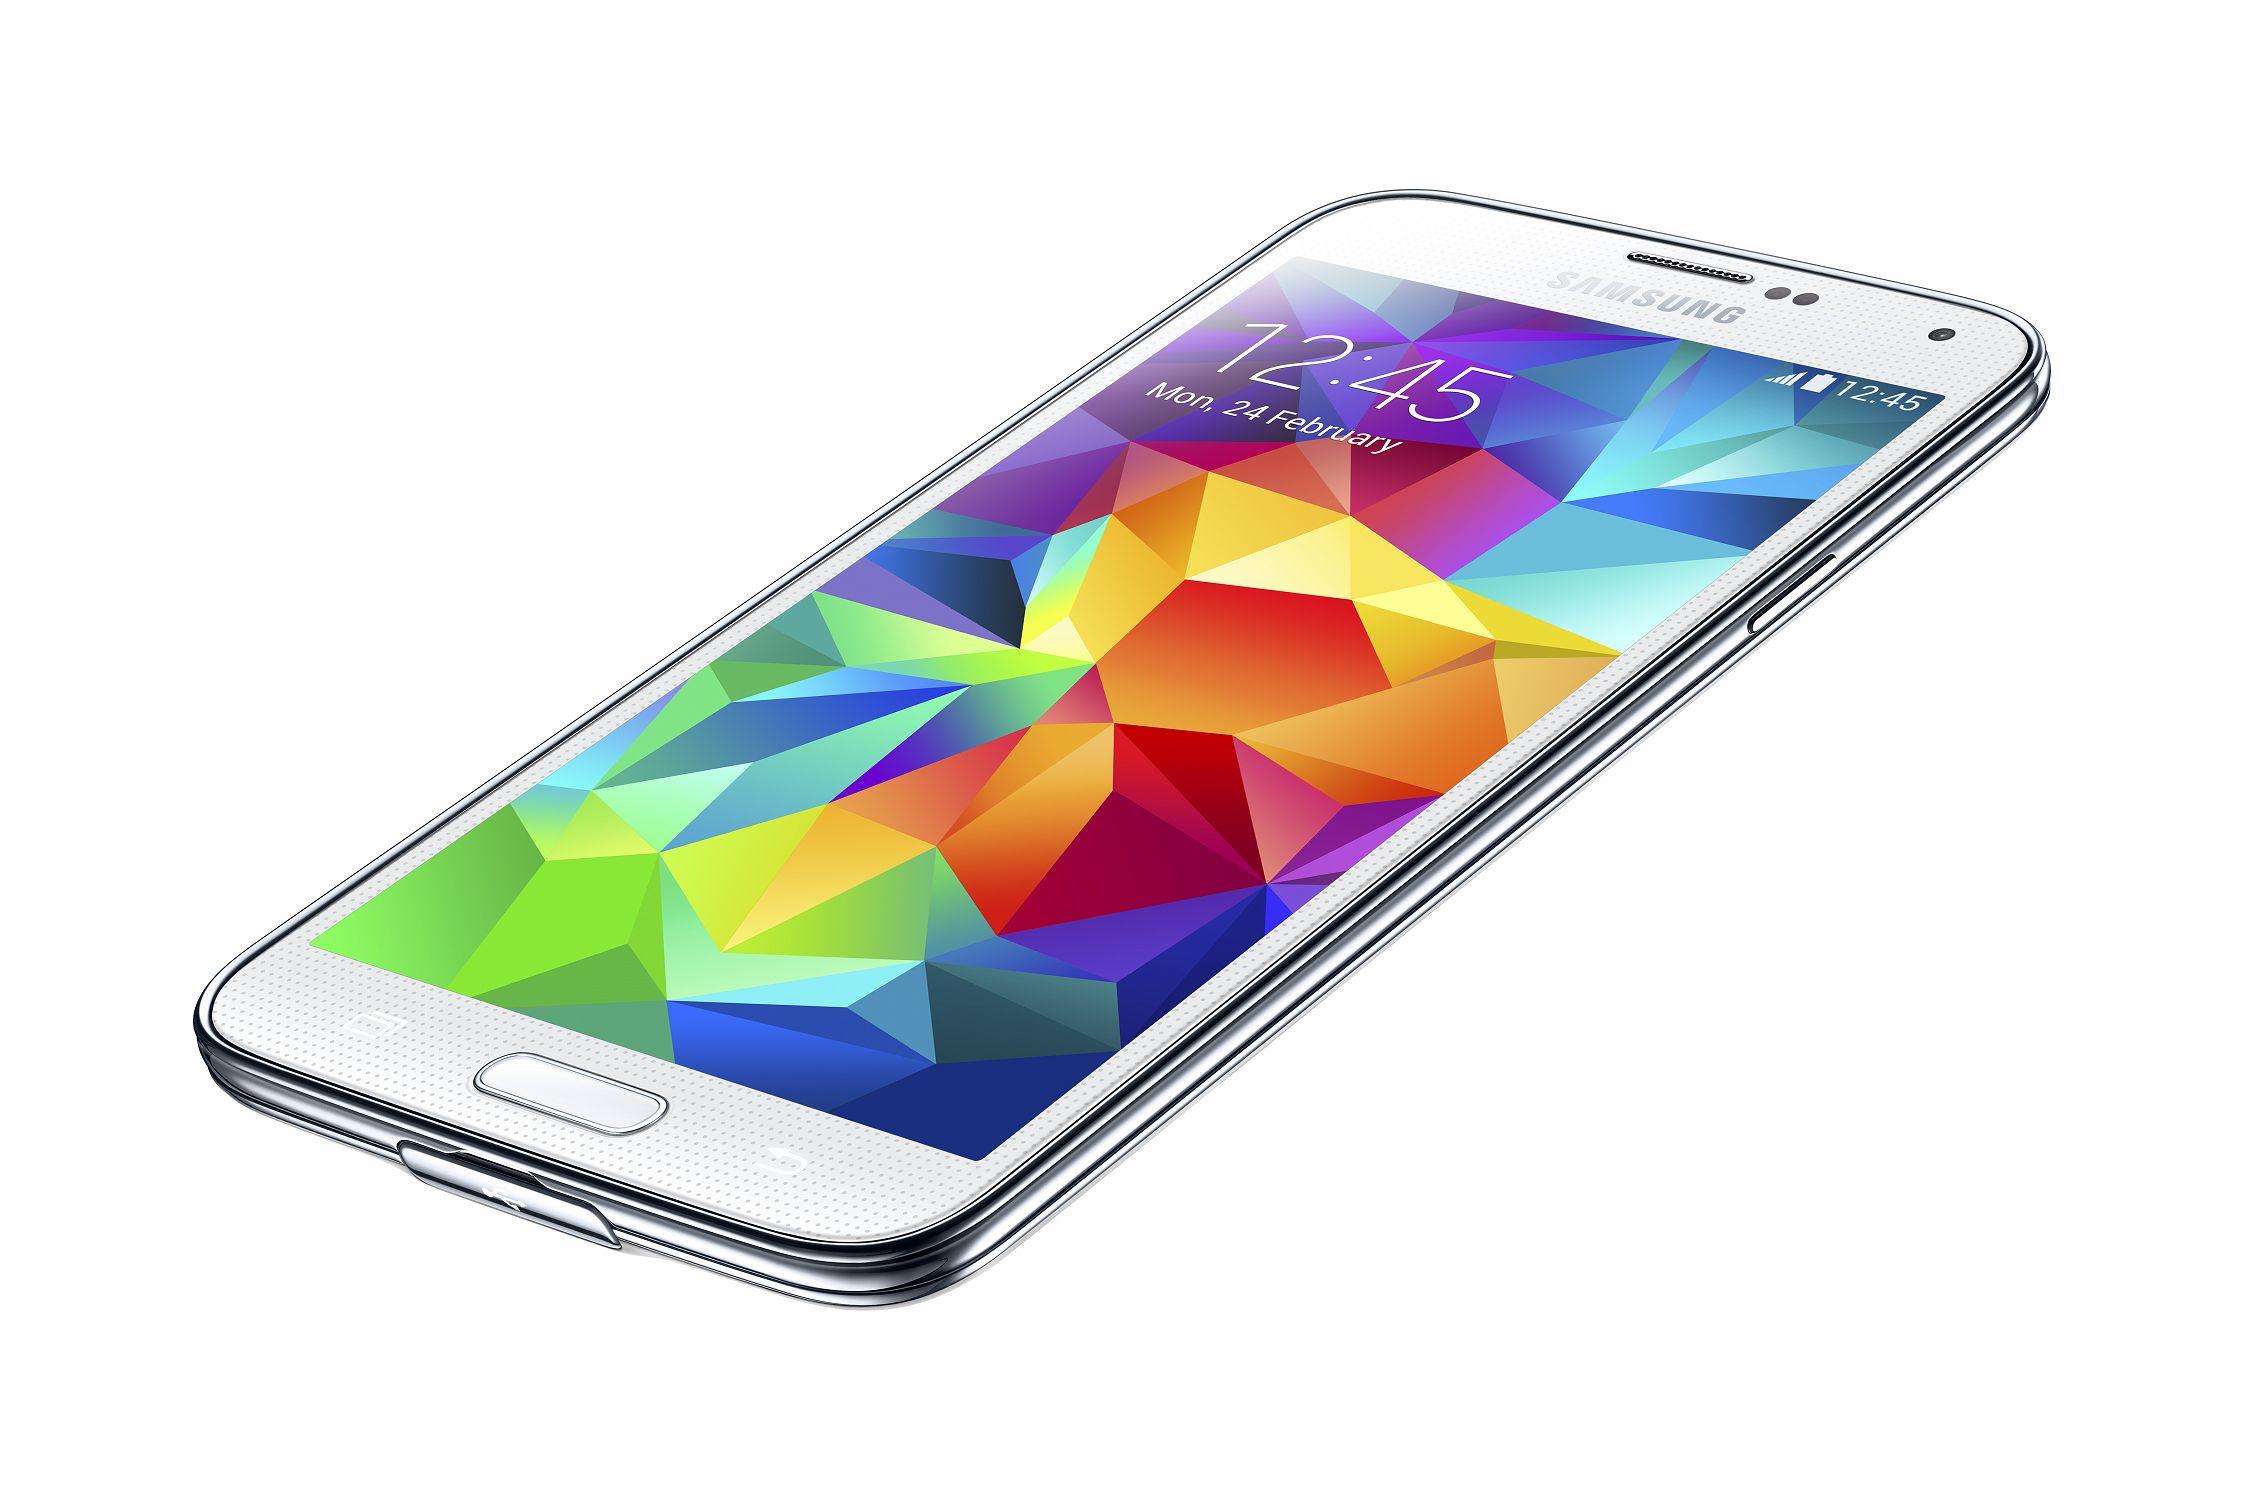 Samsung Galaxy S5 schermo